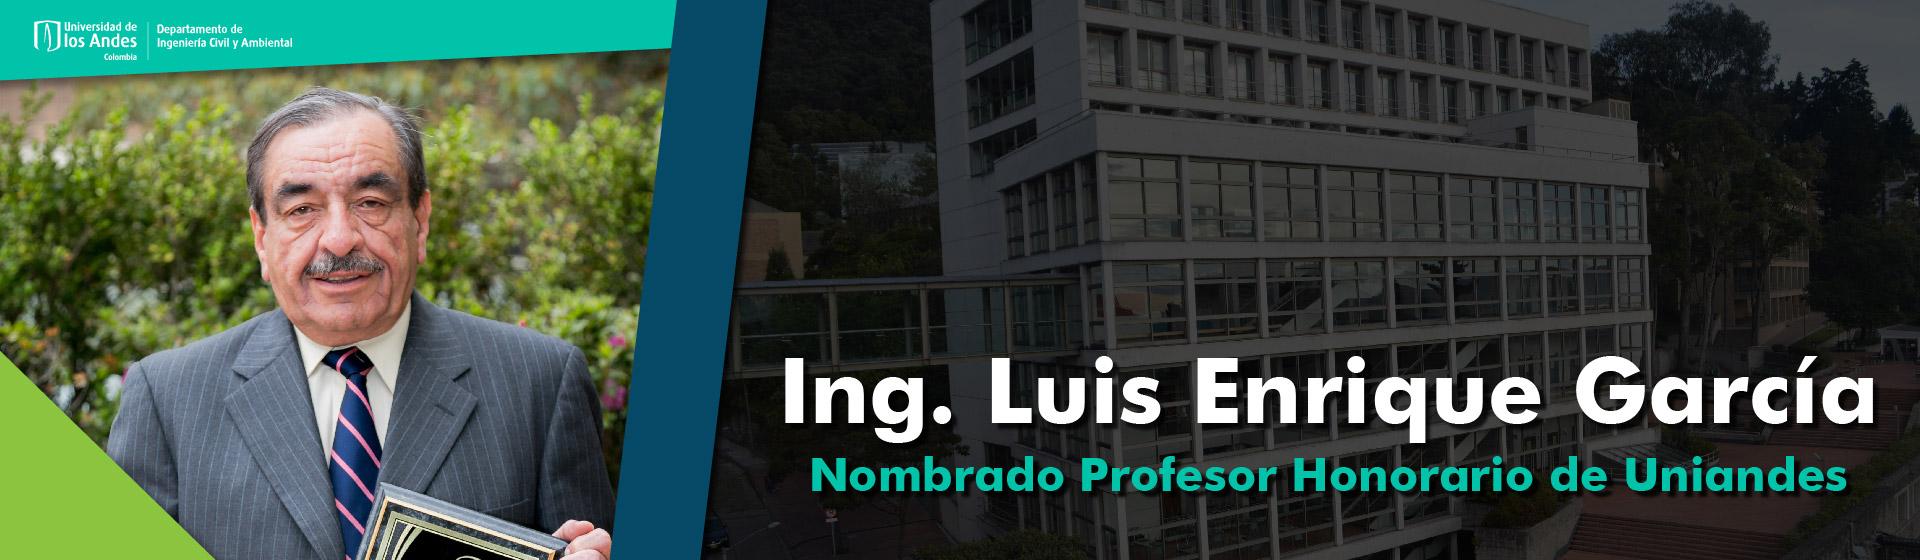 Luis Enrique garcía Profesor honorario Uniandes